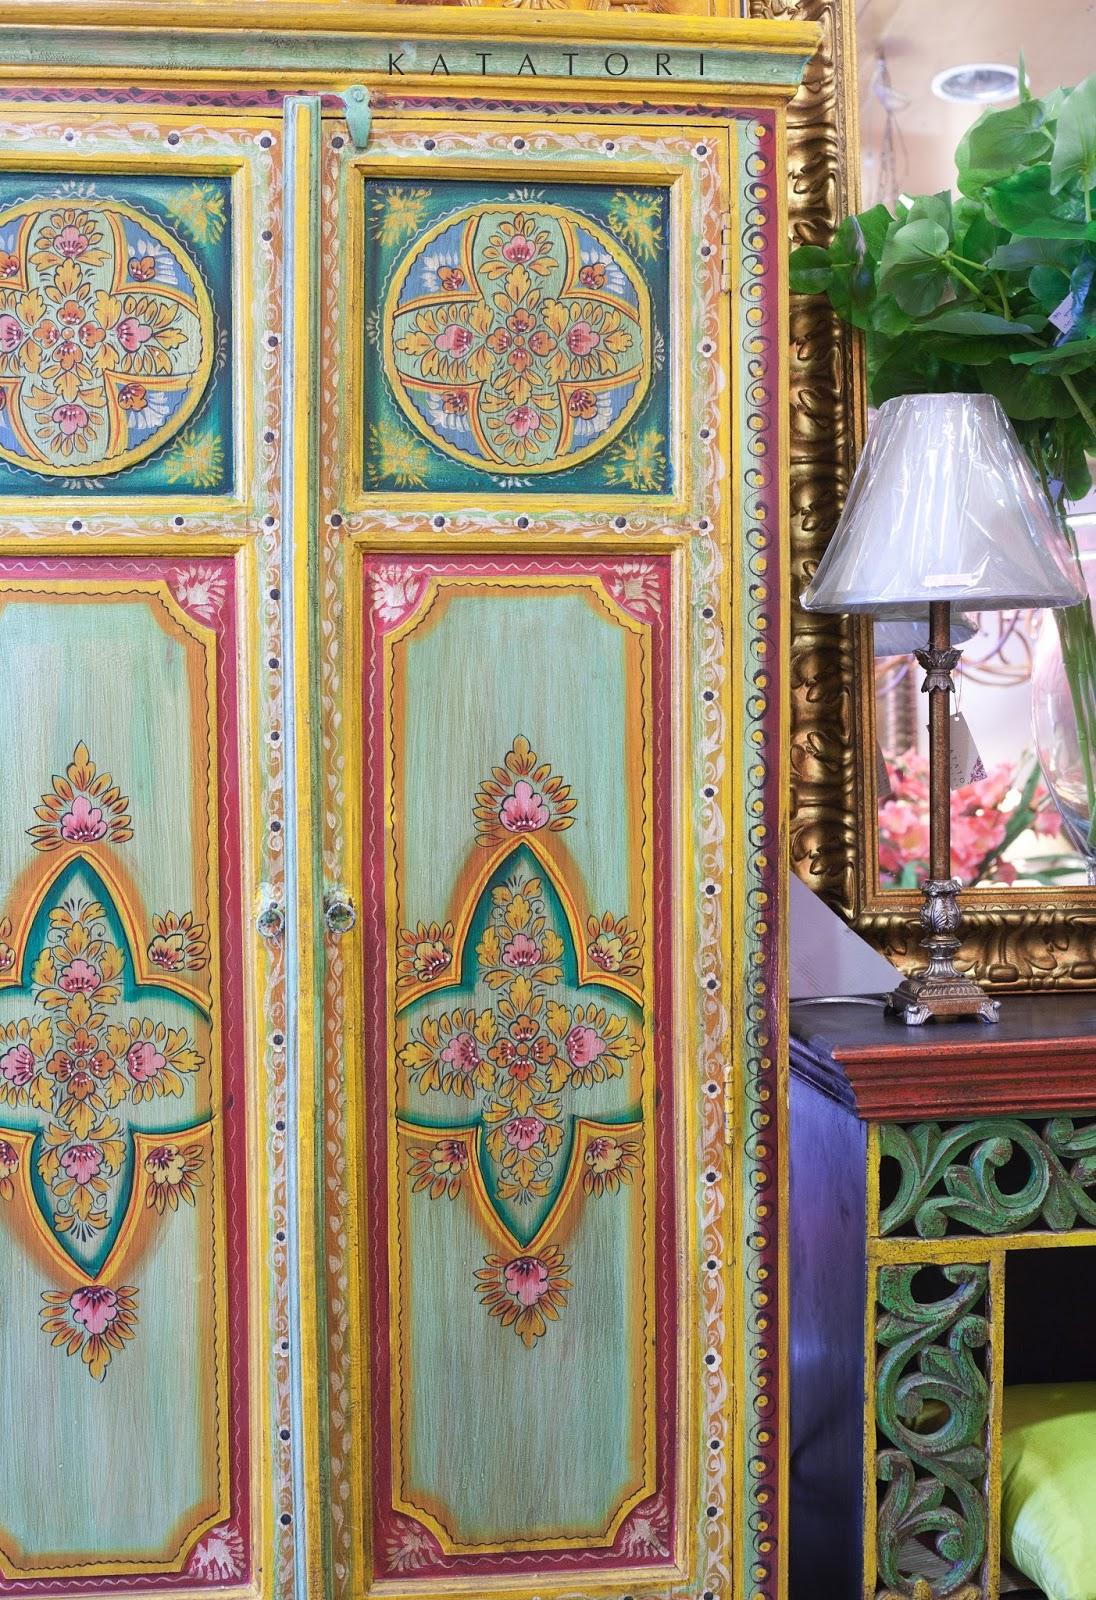 Katatori interiores muebles pintados a mano - Armarios pintados a mano ...